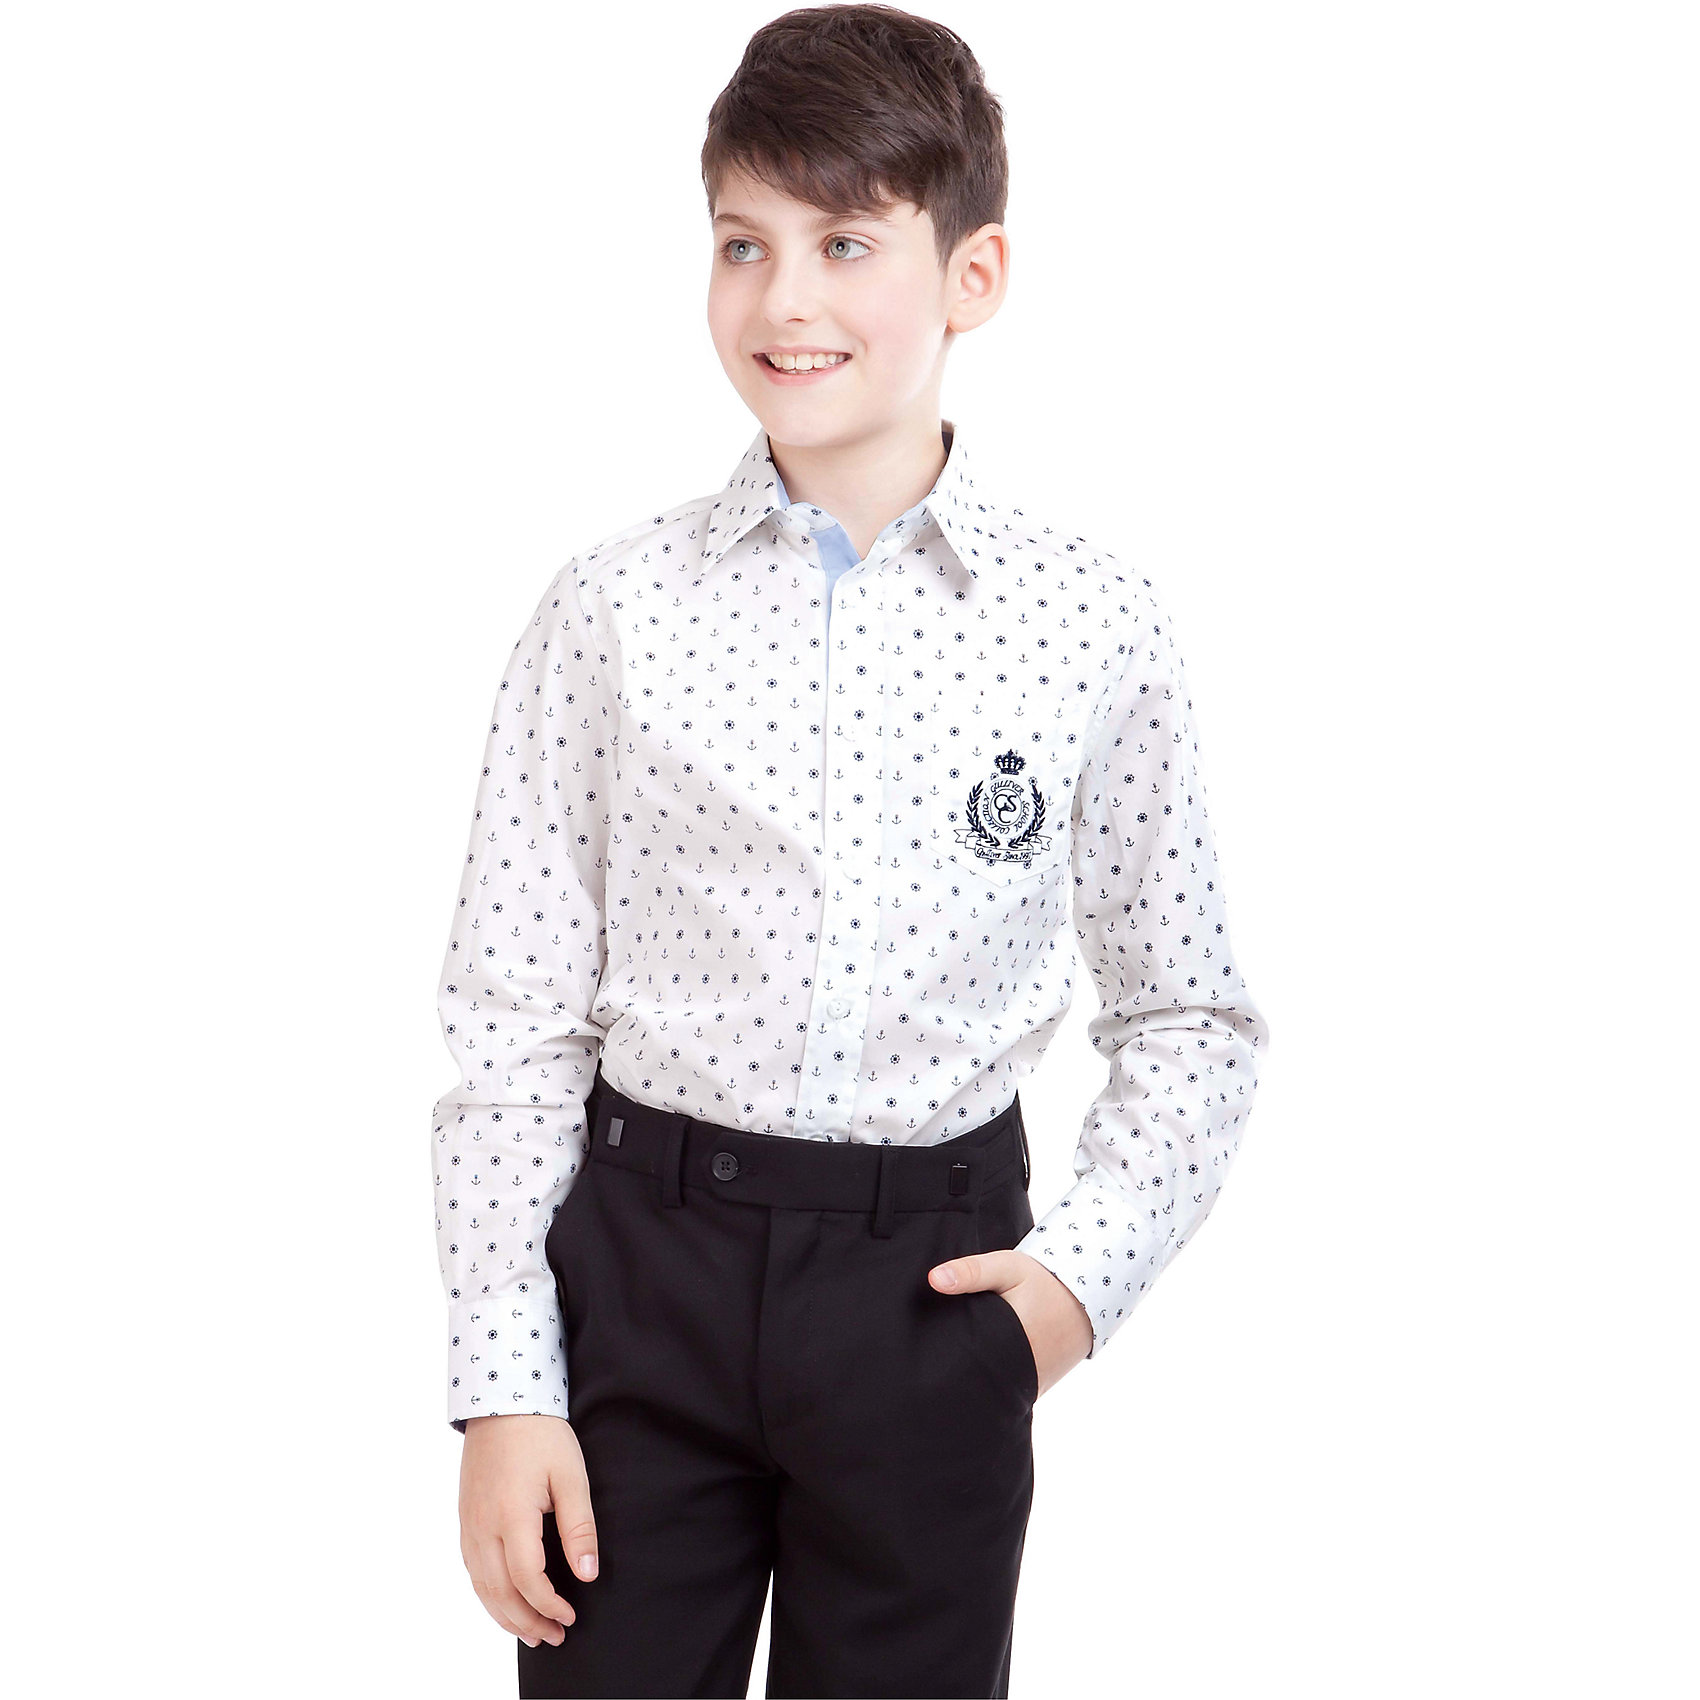 Рубашка для мальчика GulliverБлузки и рубашки<br>Рубашка для мальчика от российского бренда Gulliver.<br>Классическая рубашка с интересным орнаментом разнообразит будни школьника. Ведь так хочется выглядеть стильно, соблюдая при этом школьный дресс-код.  Ее украшает внутренняя контрастная отделка воротника, манжет и планки, а также лаконичная вышивка и шеврон с монограммой GSC (Gulliver School Collection).<br>Состав:<br>100% Хлопок<br><br>Ширина мм: 174<br>Глубина мм: 10<br>Высота мм: 169<br>Вес г: 157<br>Цвет: белый<br>Возраст от месяцев: 72<br>Возраст до месяцев: 84<br>Пол: Мужской<br>Возраст: Детский<br>Размер: 122,164,146,152,158,140,128,134<br>SKU: 4174534